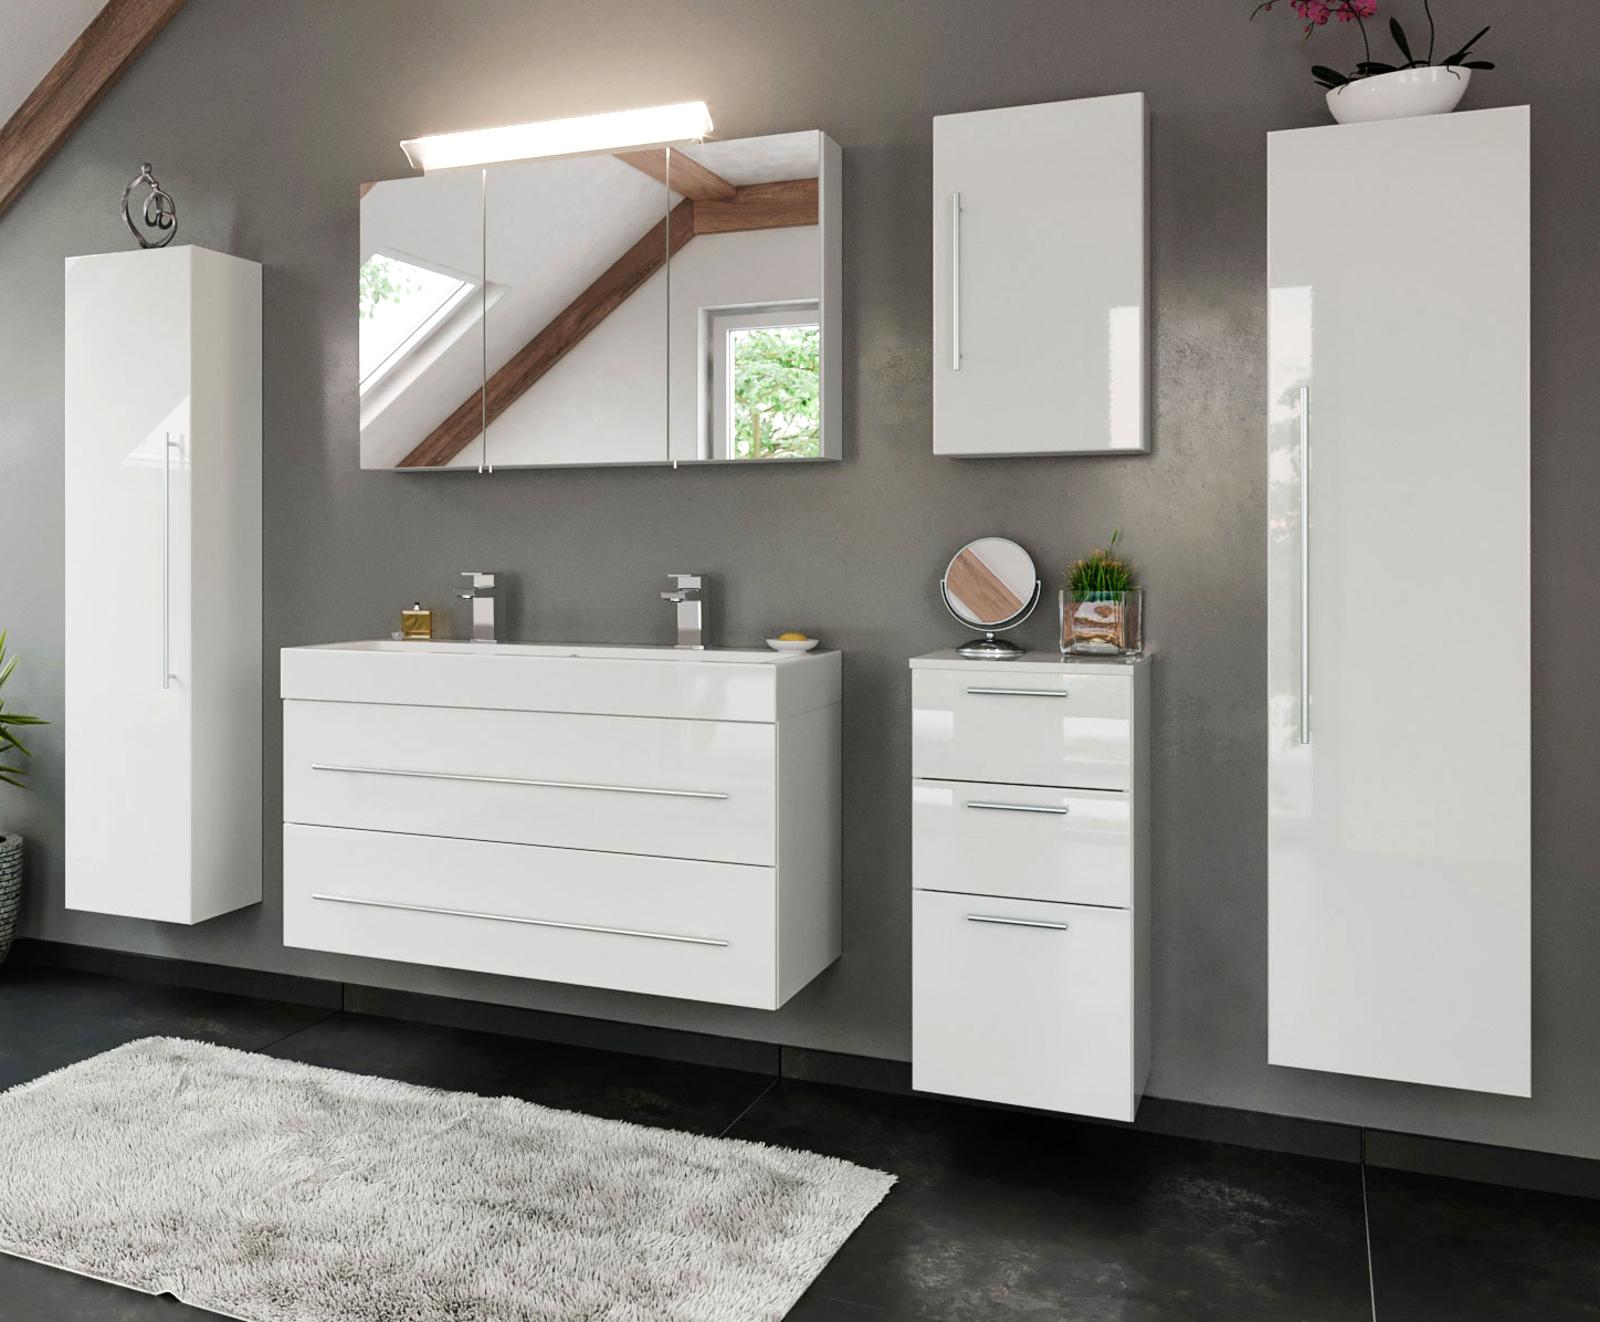 Wohnwände Holz Massiv Modern ~ Wohnwand Eiche Sägerauh  weiß Hochglanz  Designermöbel  moderne